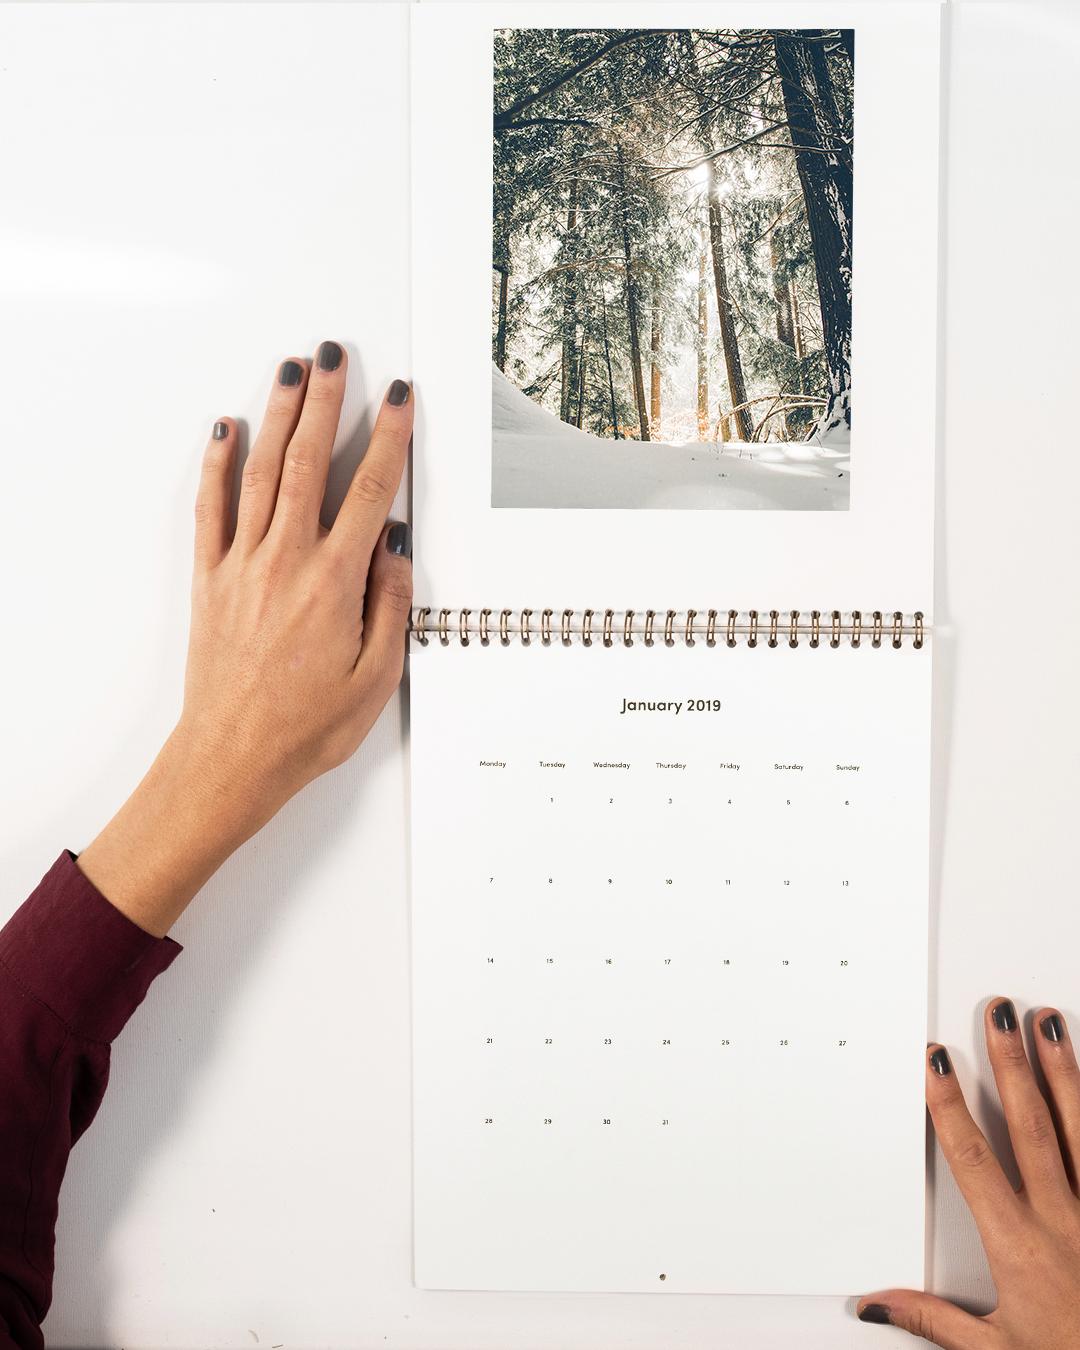 framkalla-kalender-fototips-vinter